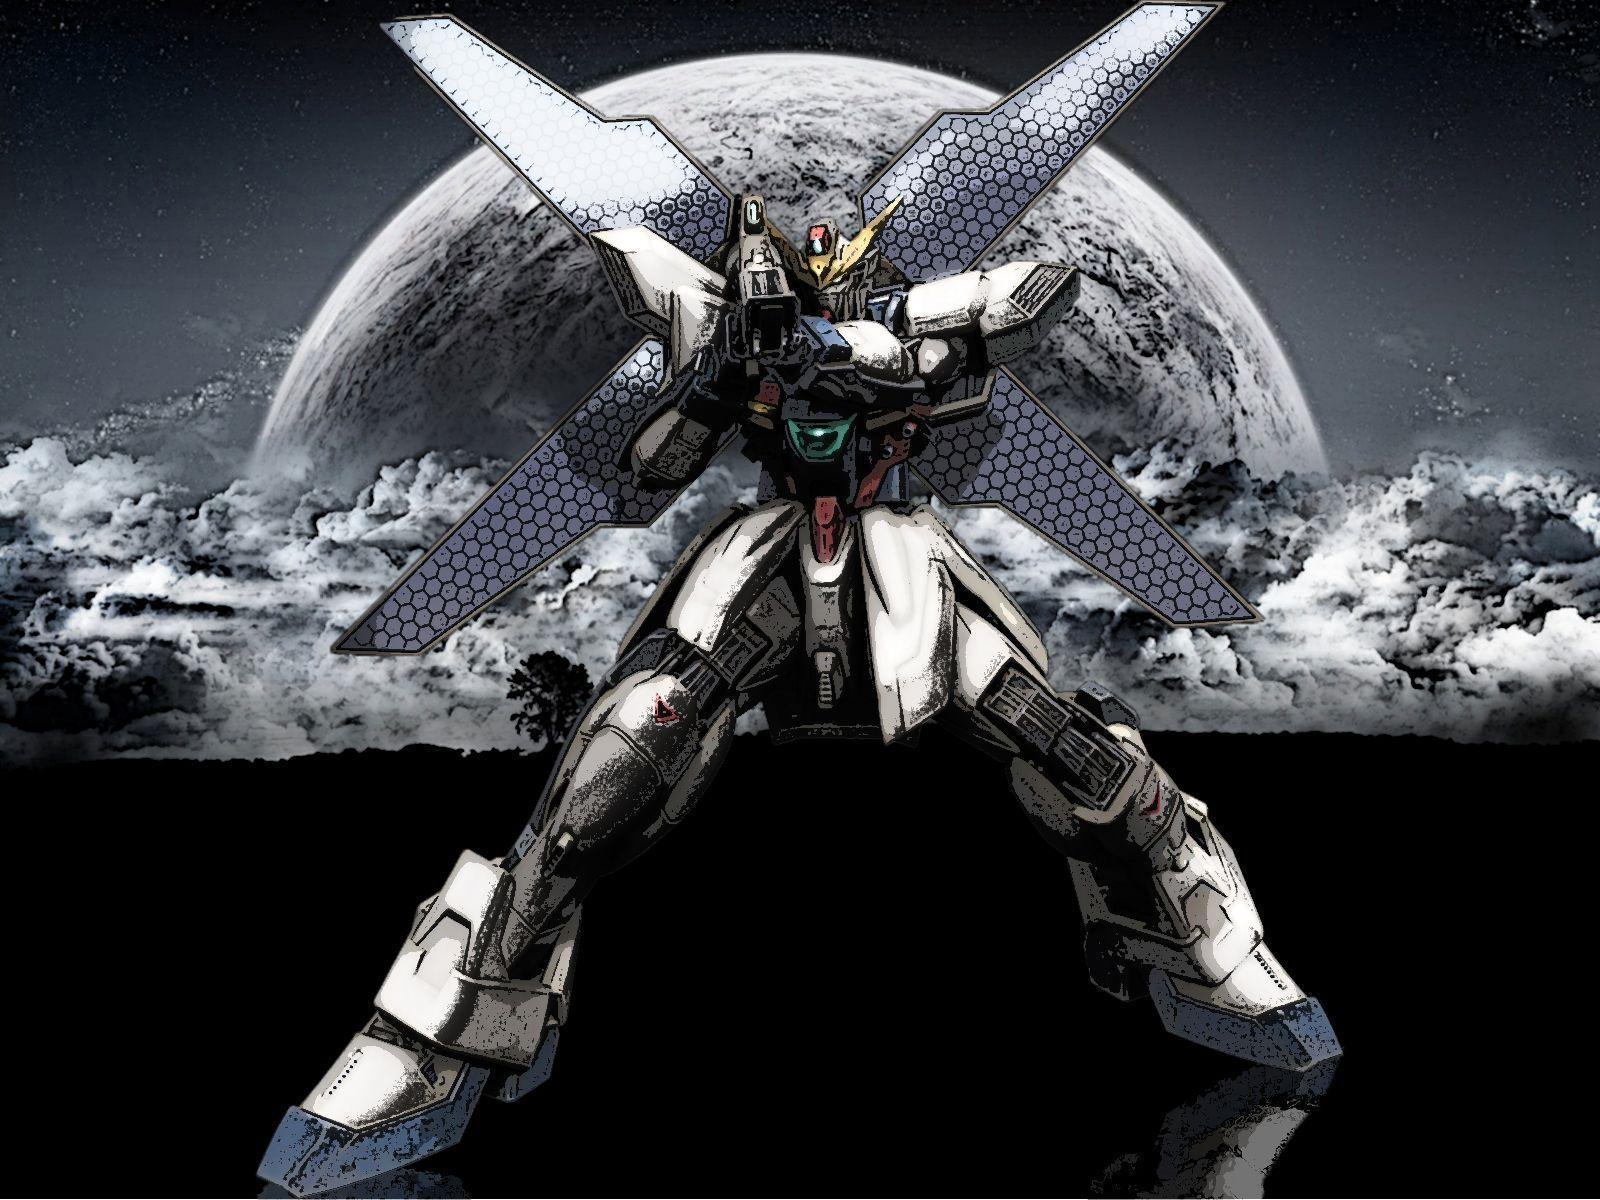 1280x1280 Wallpaper: Gundam Wallpapers